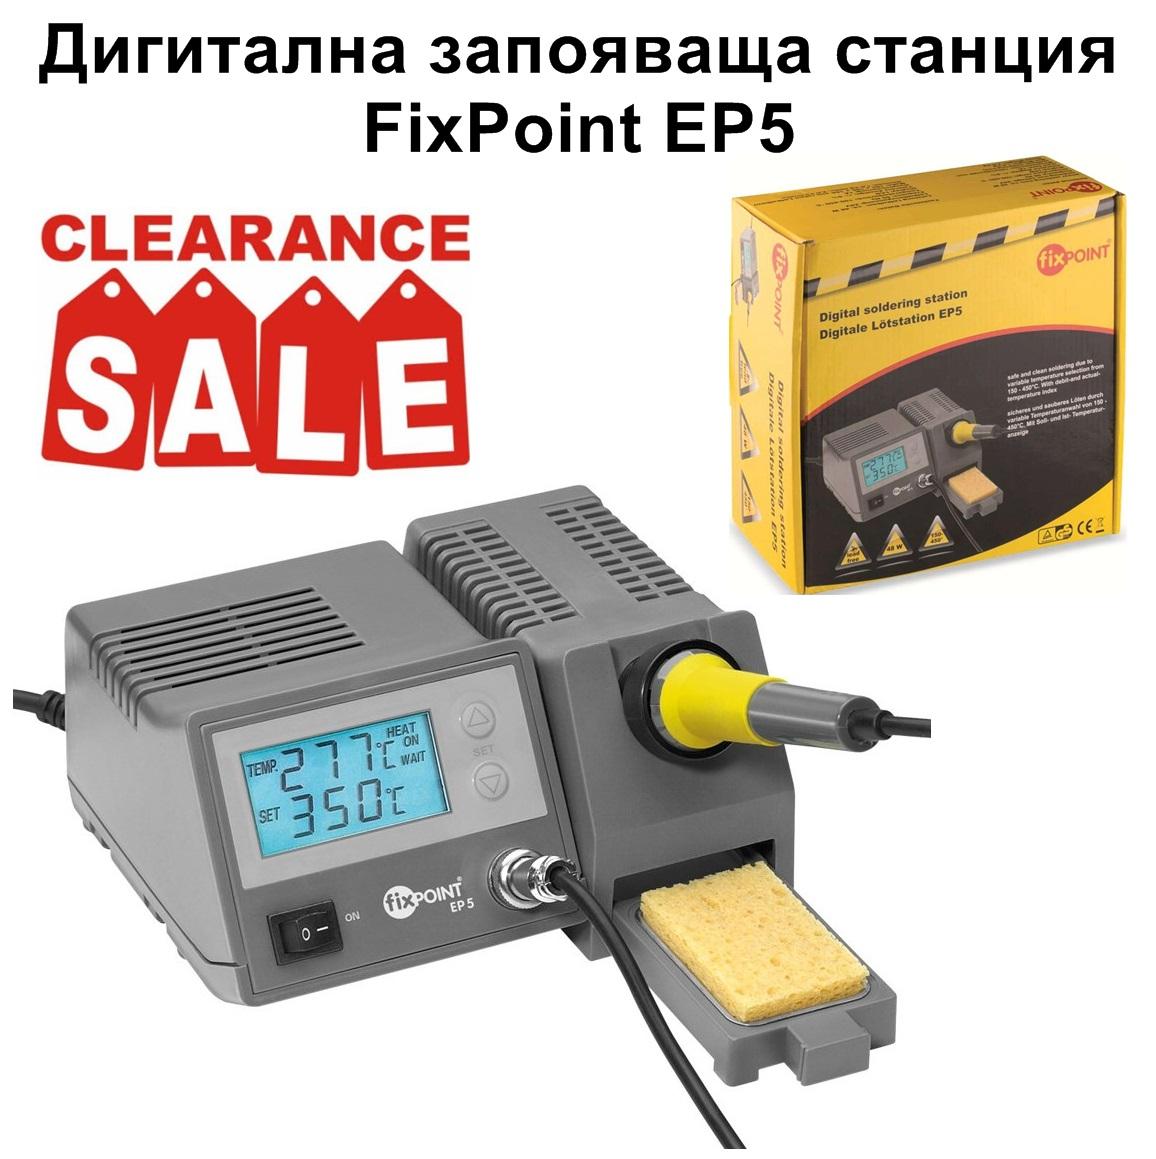 Дигитална запояваща станция FixPoint EP5, 51098